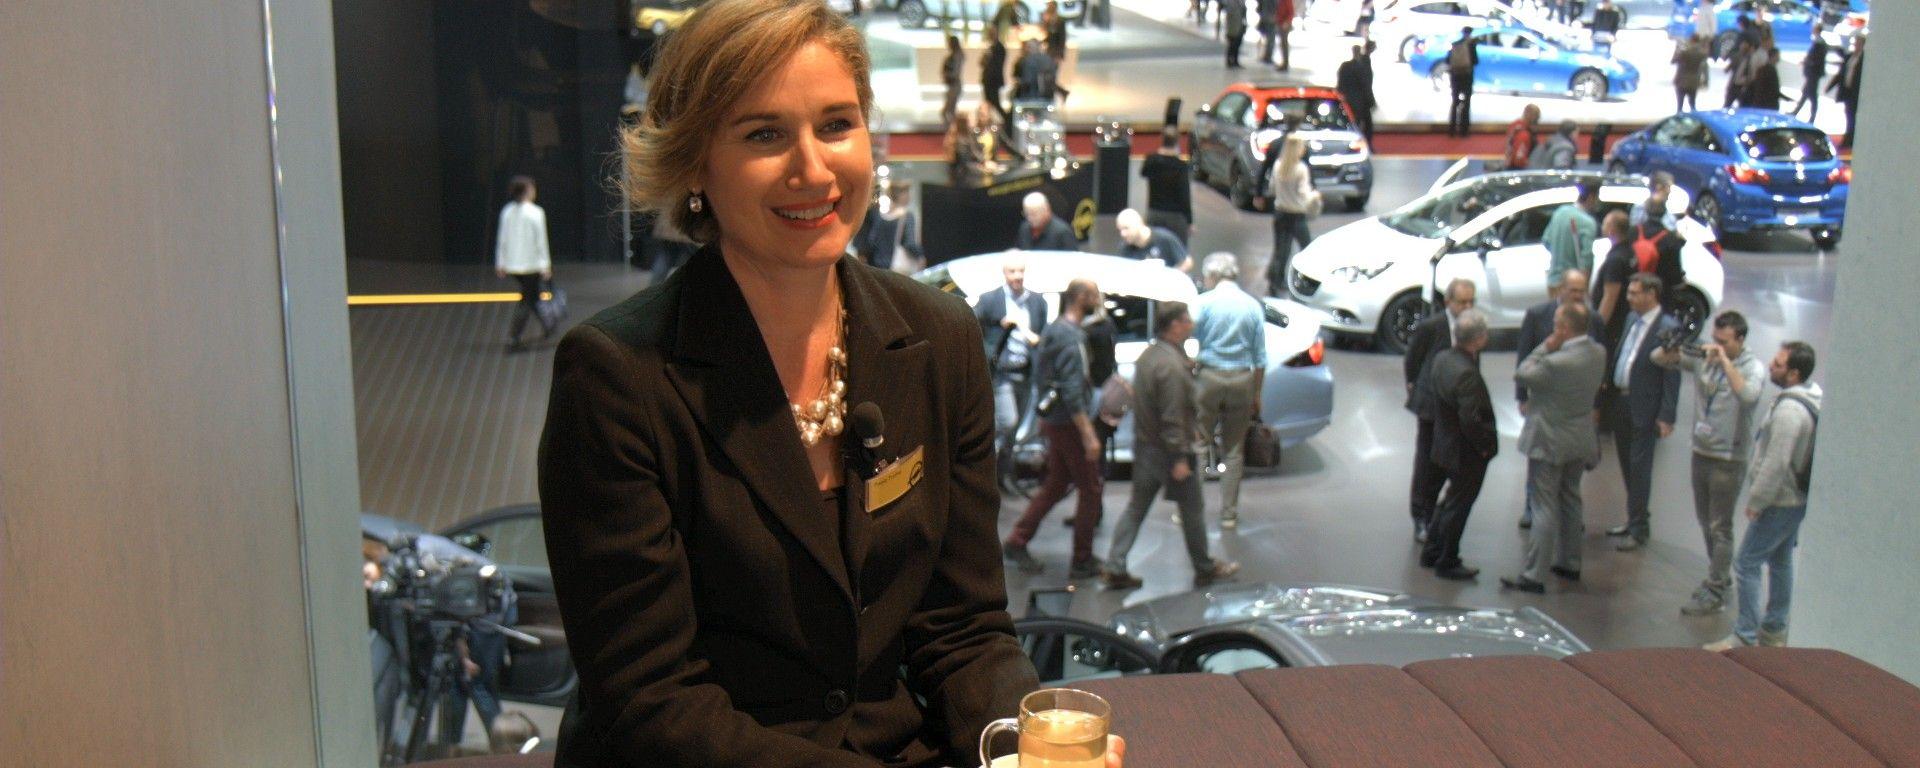 Paola Trotta, Direttore Commerciale Opel Italia